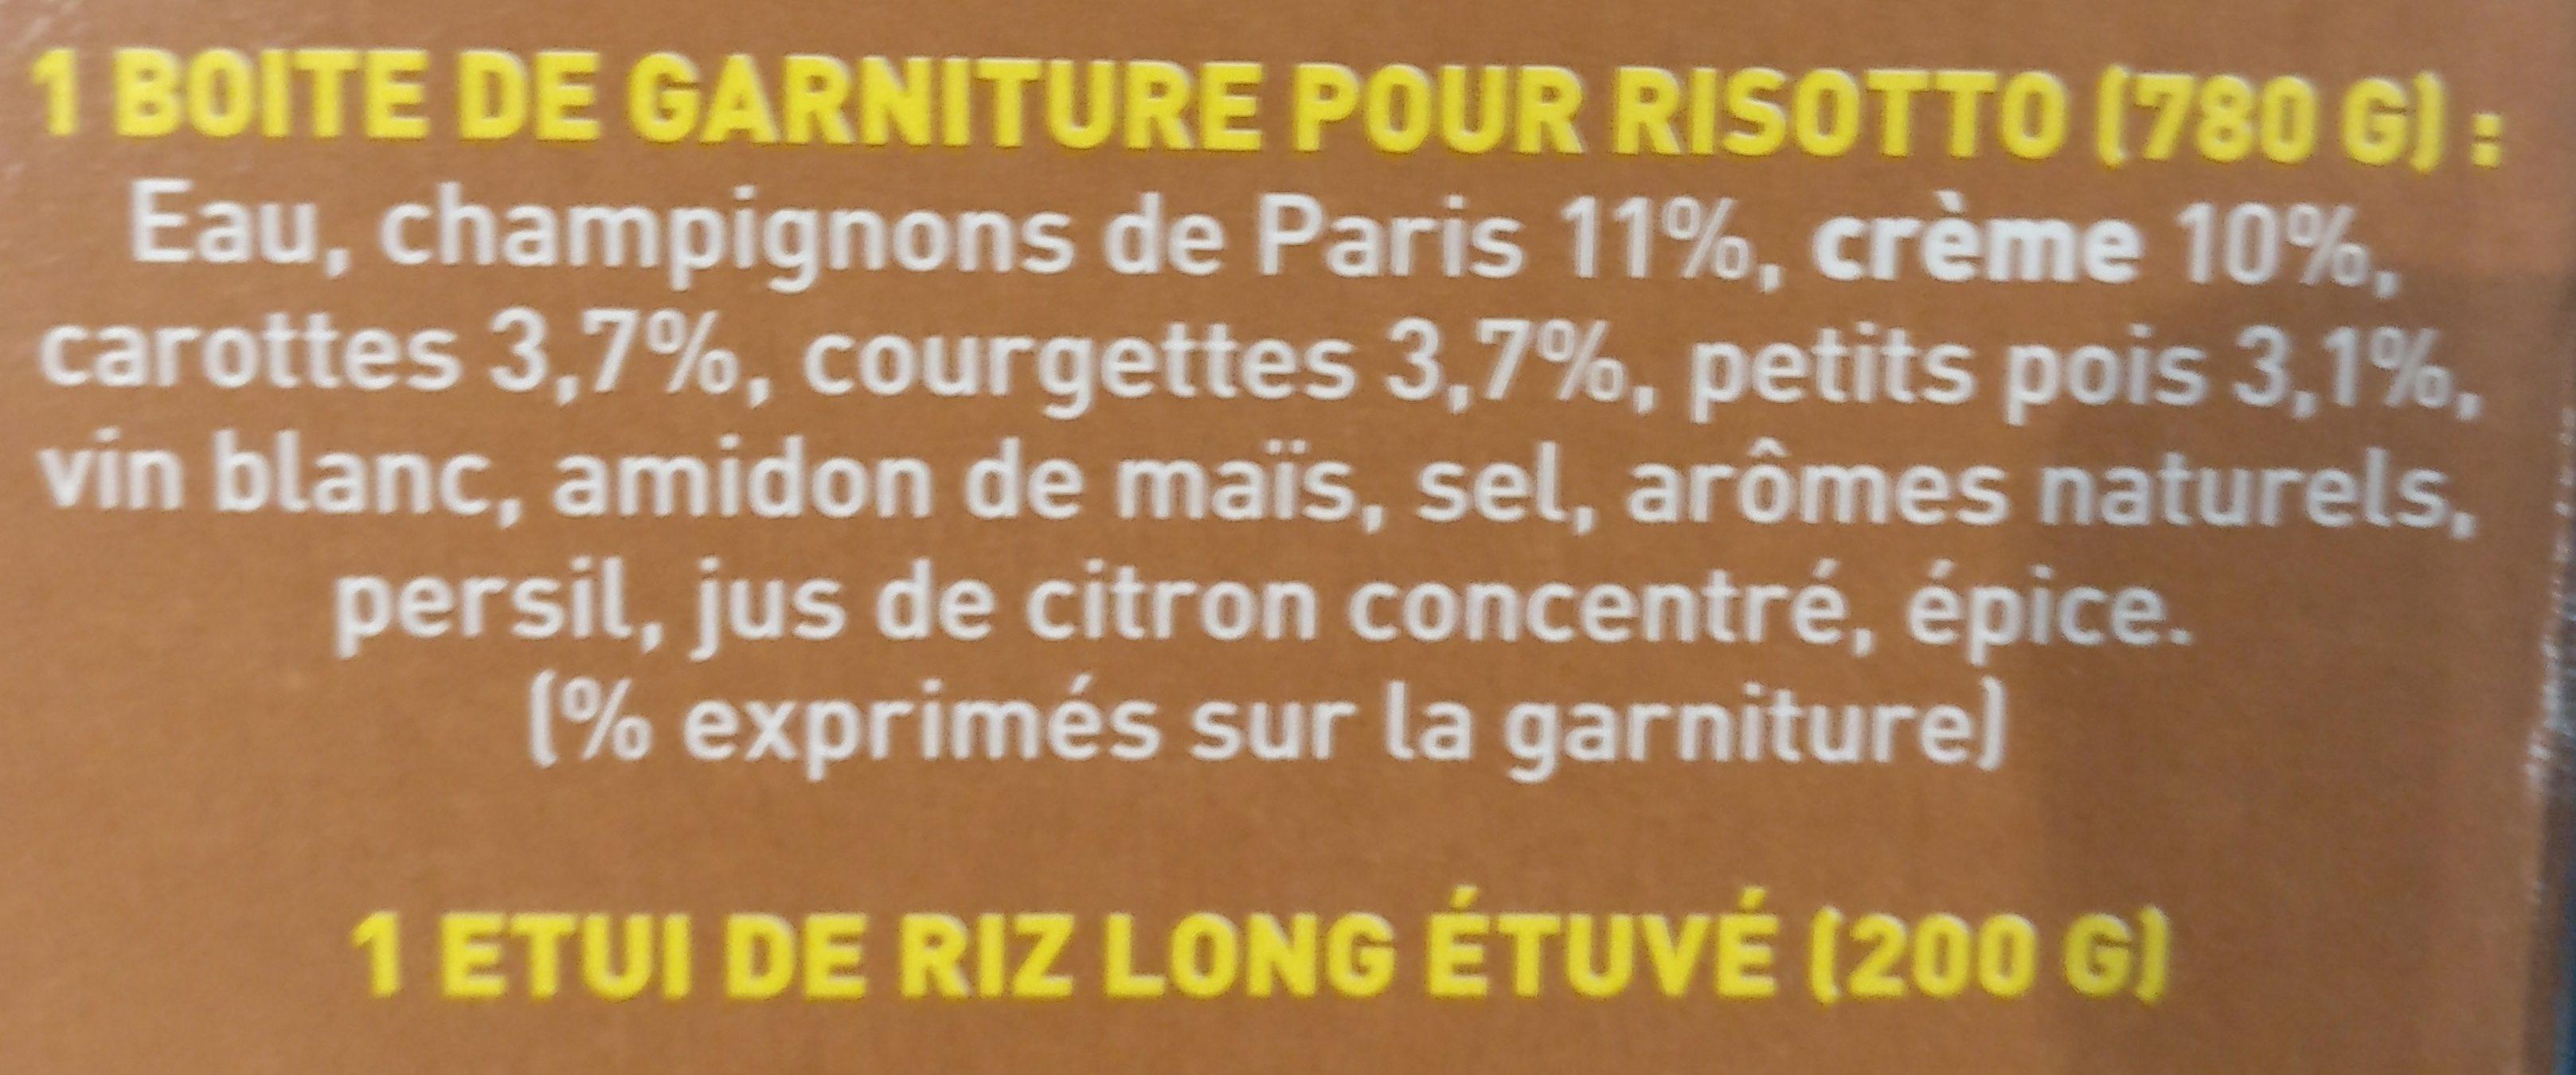 Kit pour Risotto Champignons et Légumes - Ingredients - fr